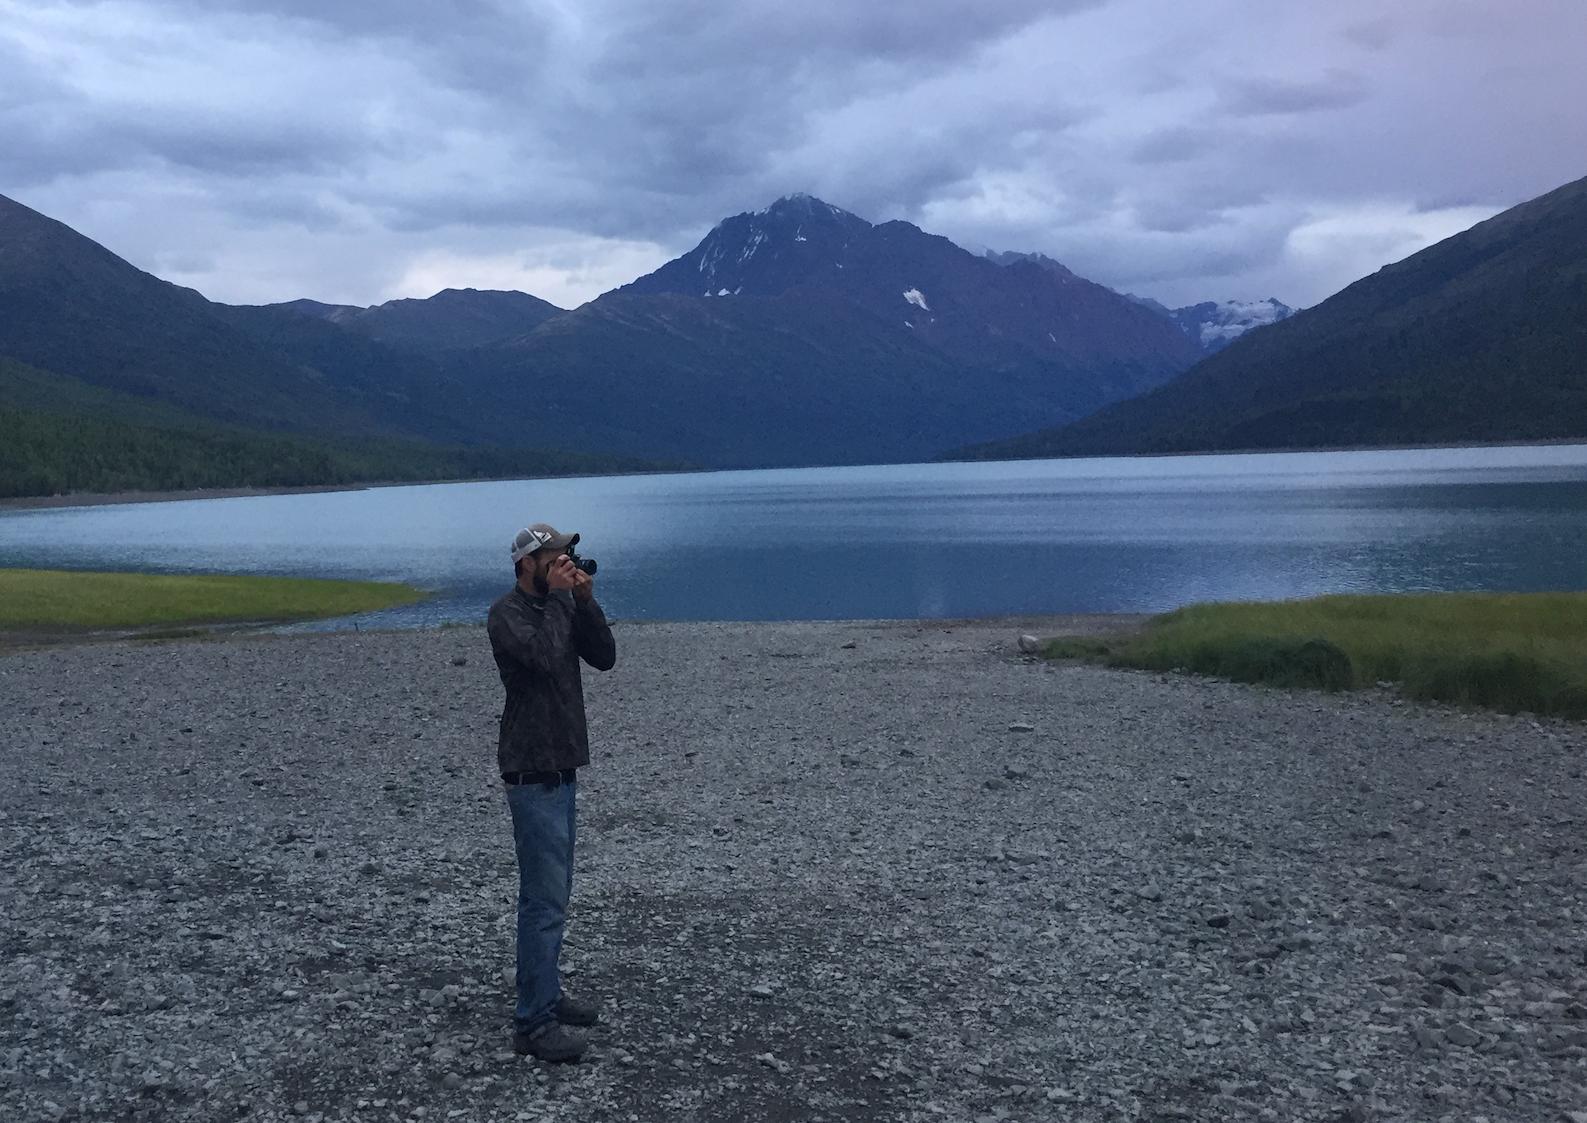 Me snapping photos at Eklutna Lake.